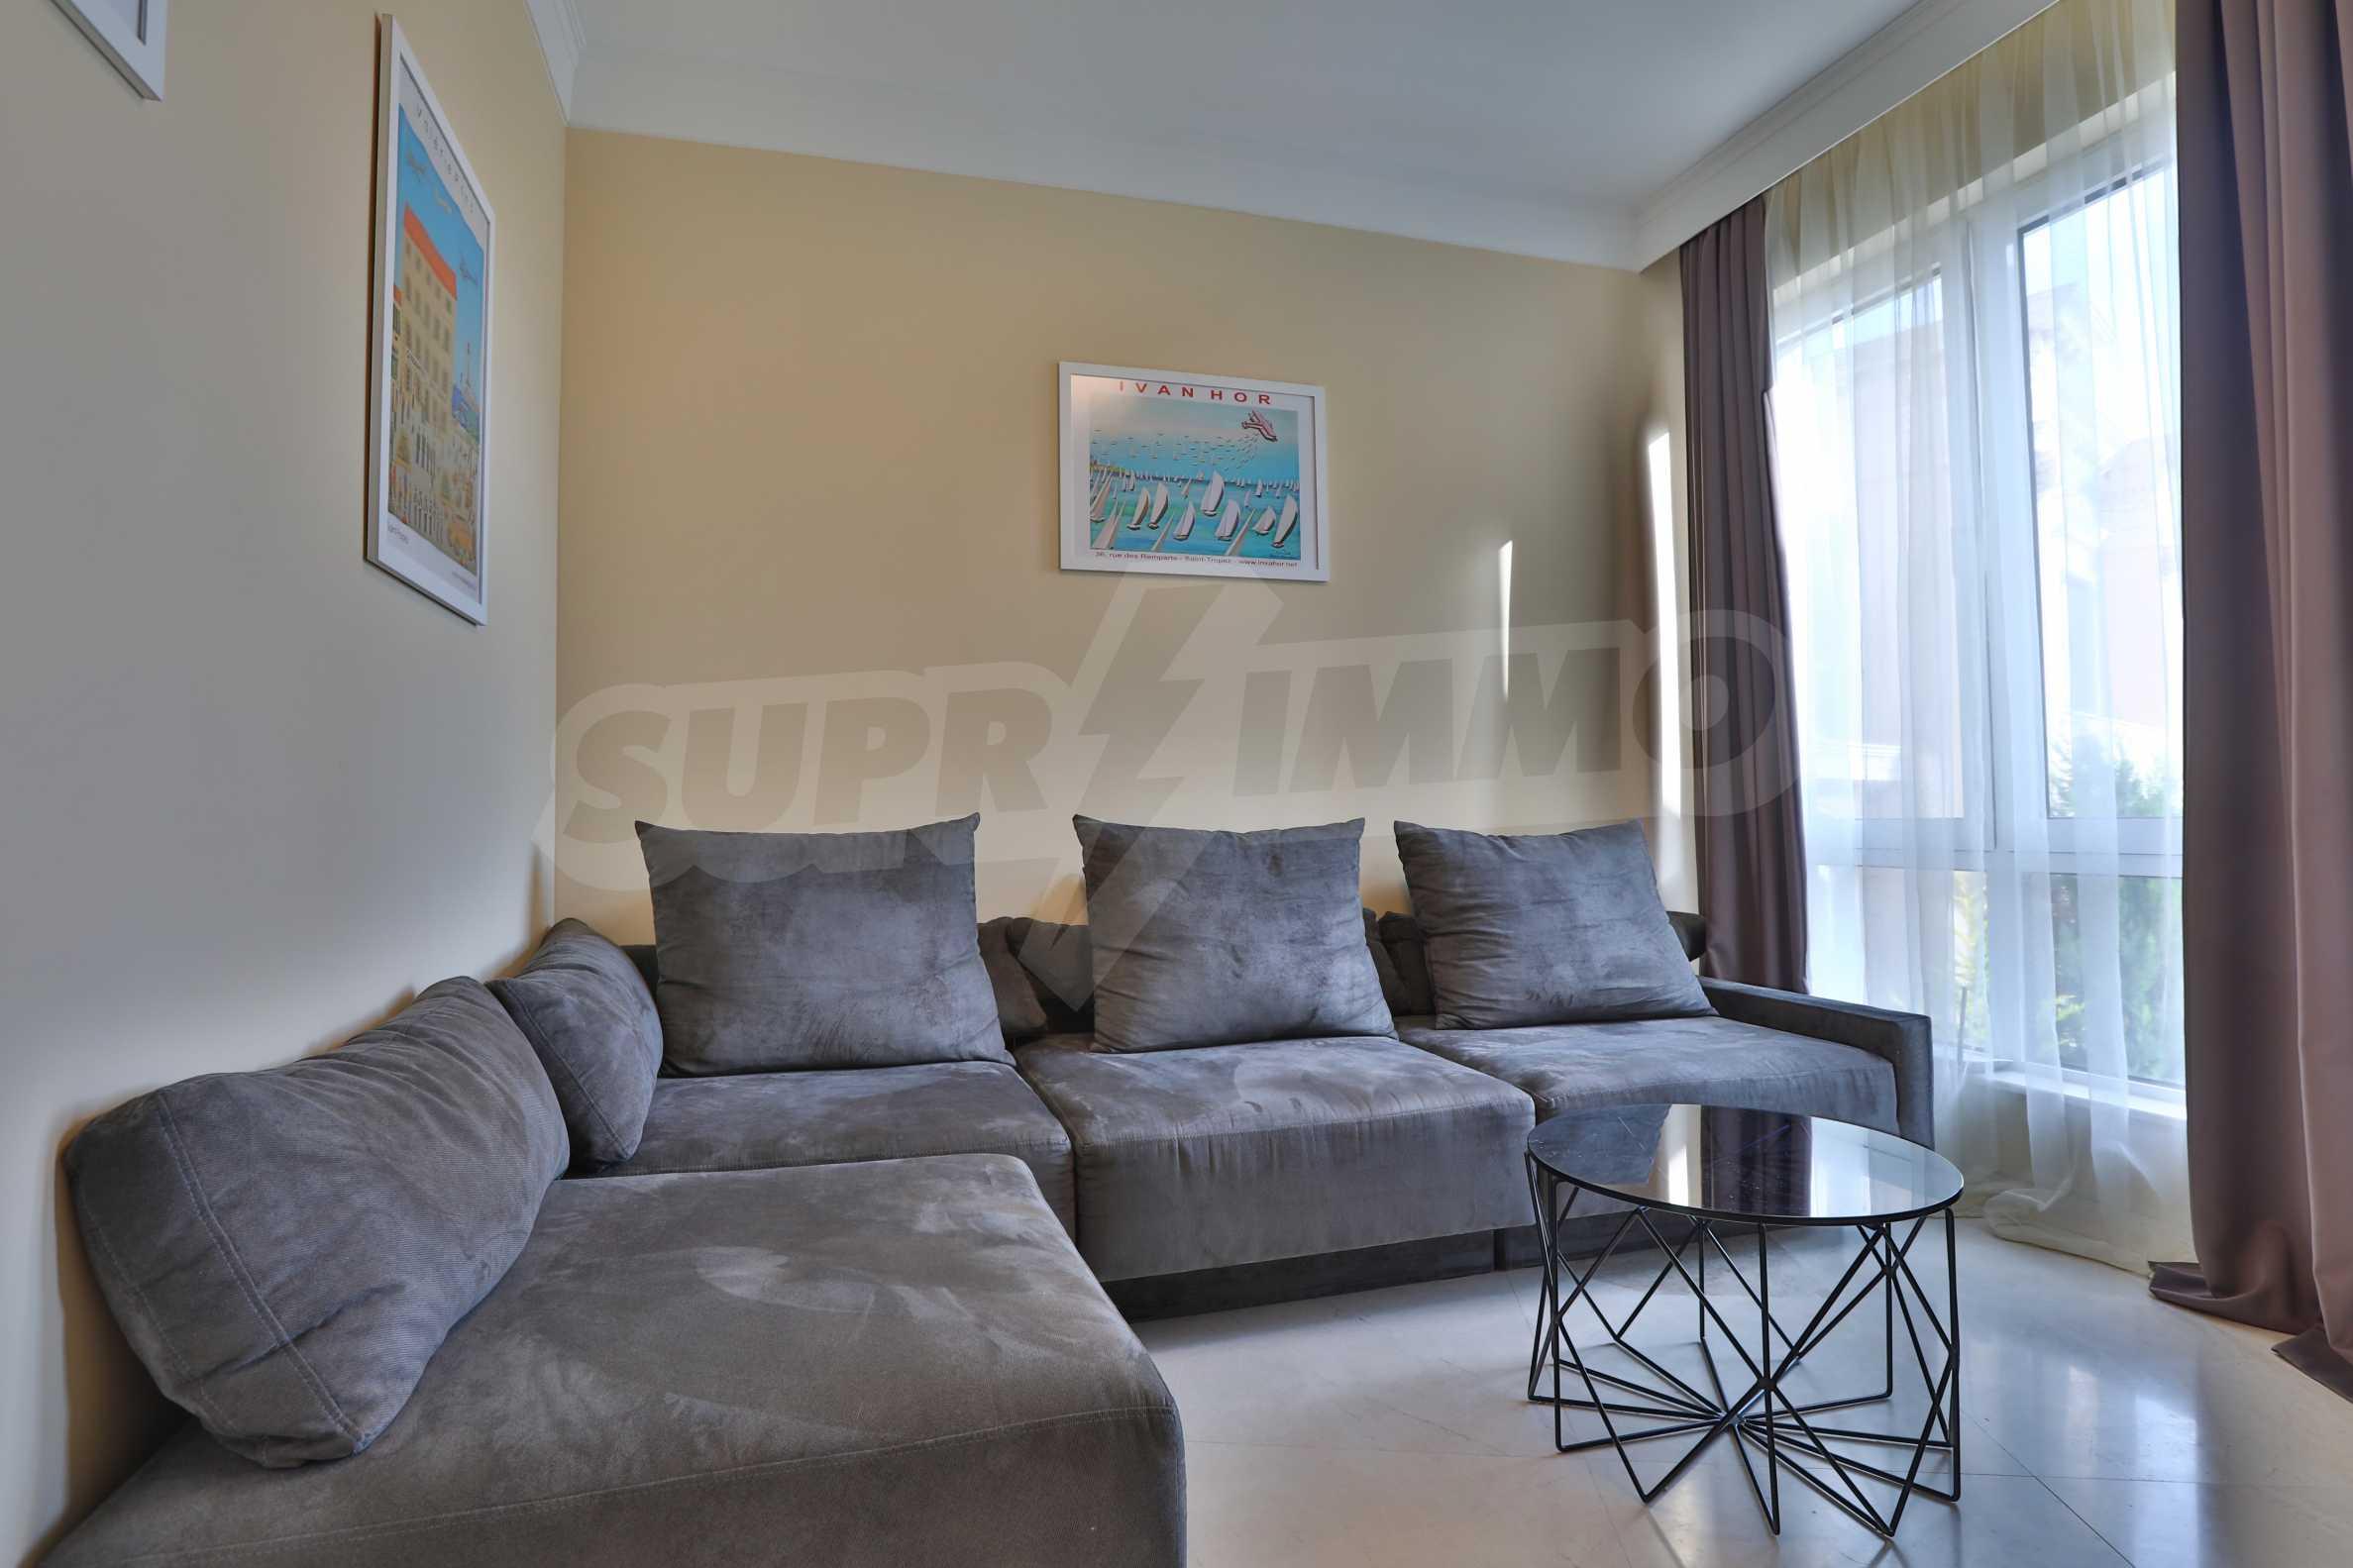 Дизайнерски апартамент с 2 спални в луксозната морска резиденция Belle Époque в Лозенец 6